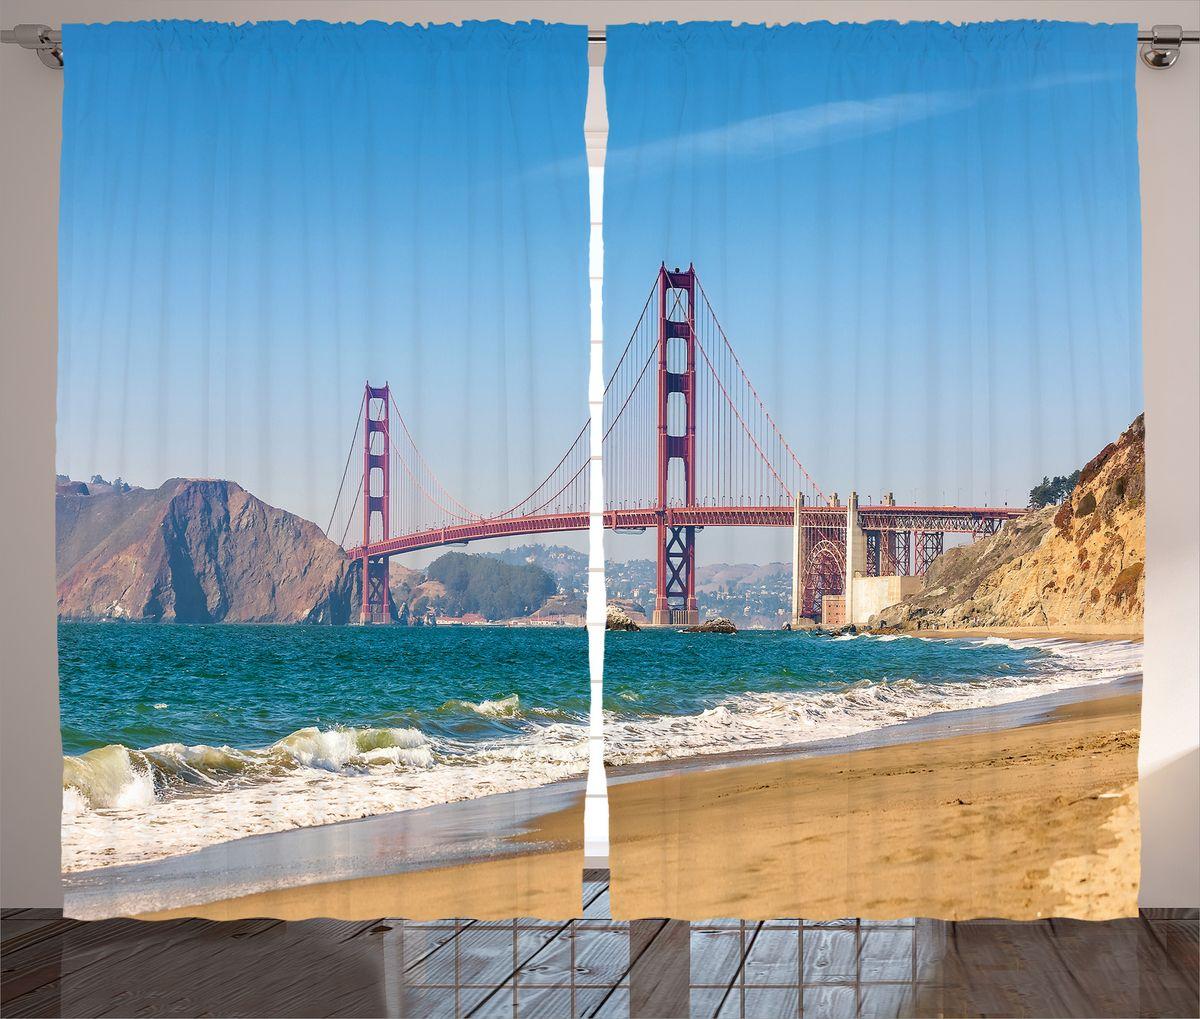 Комплект фотоштор Magic Lady Вид на Золотые Ворота Сан-Франциско, на ленте, высота 265 см. шсг_18071шсг_16215Компания Сэмболь изготавливает шторы из высококачественного сатена (полиэстер 100%). При изготовлении используются специальные гипоаллергенные чернила для прямой печати по ткани, безопасные для человека и животных. Экологичность продукции Magic lady и безопасность для окружающей среды подтверждены сертификатом Oeko-Tex Standard 100. Крепление: крючки для крепления на шторной ленте (50 шт). Возможно крепление на трубу. Внимание! При нанесении сублимационной печати на ткань технологическим методом при температуре 240°С, возможно отклонение полученных размеров (указанных на этикетке и сайте) от стандартных на + - 3-5 см. Производитель старается максимально точно передать цвета изделия на фотографиях, однако искажения неизбежны и фактический цвет изделия может отличаться от воспринимаемого по фото. Обратите внимание! Шторы изготовлены из полиэстра сатенового переплетения, а не из сатина (хлопок). Размер одного полотна шторы: 145х265 см. В комплекте 2 полотна шторы и 50 крючков.